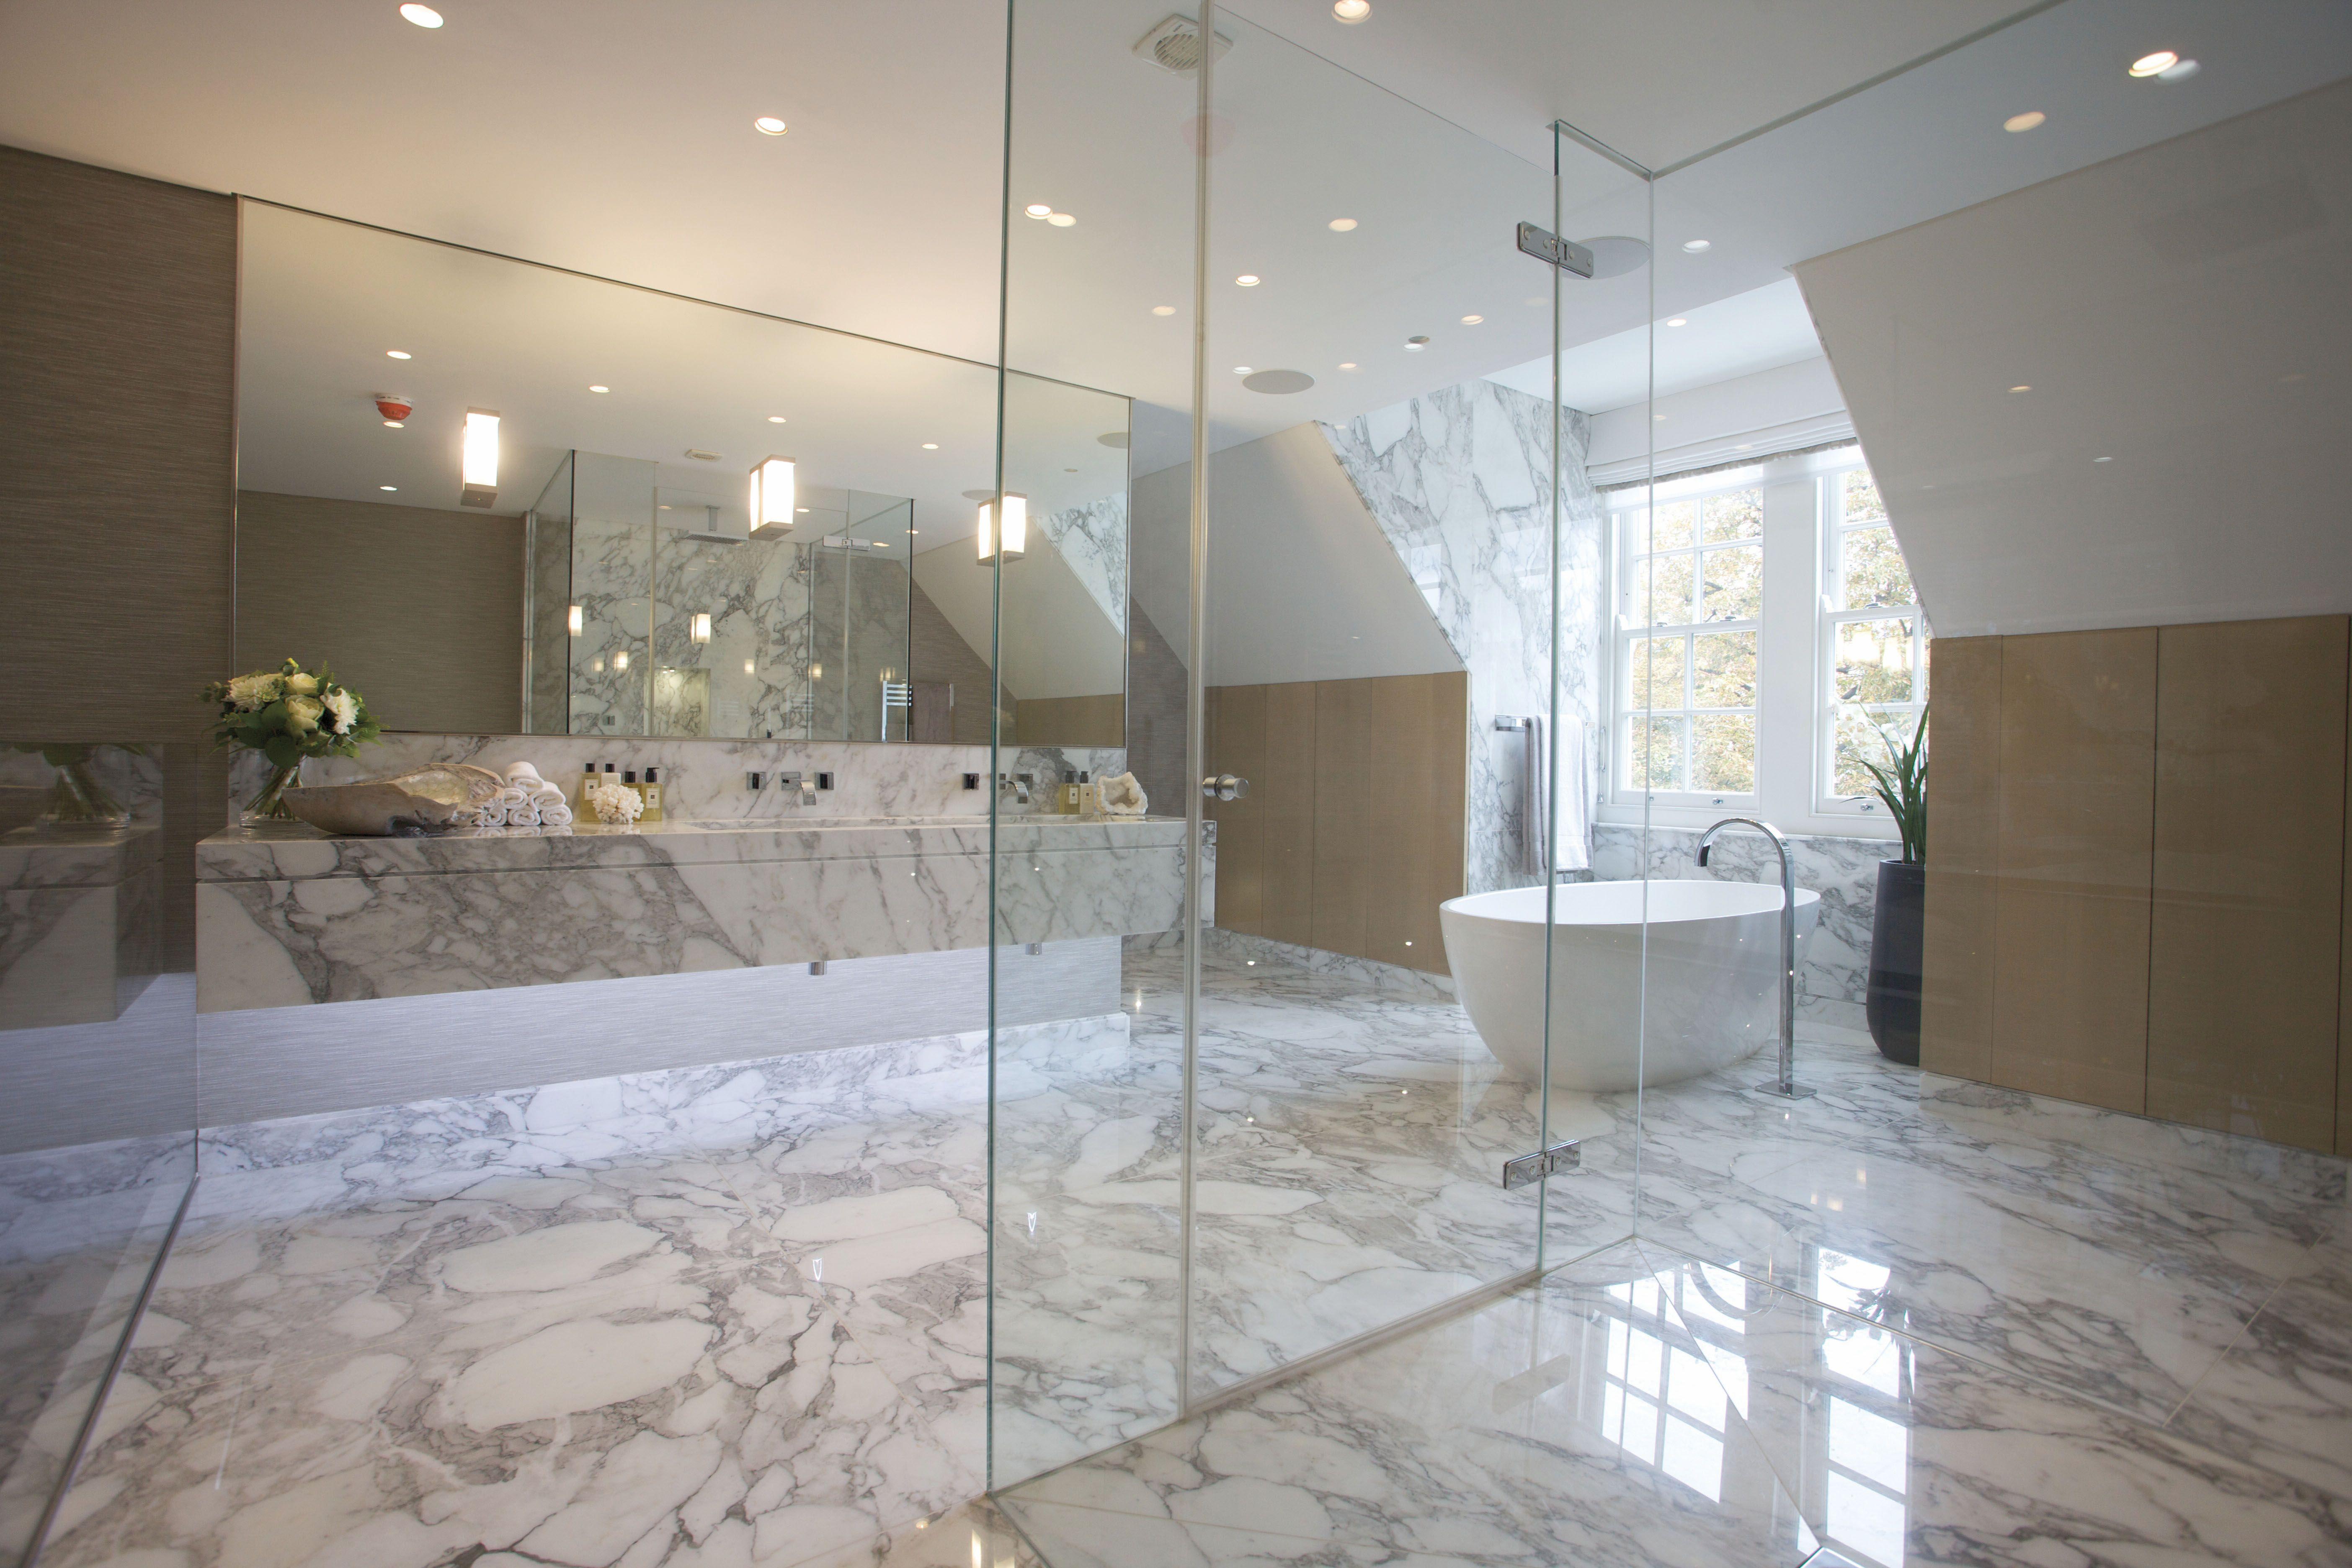 Master Marble Bathroom Modern Luxury Bathroom Master Bathroom Layout Master Bathroom Renovation